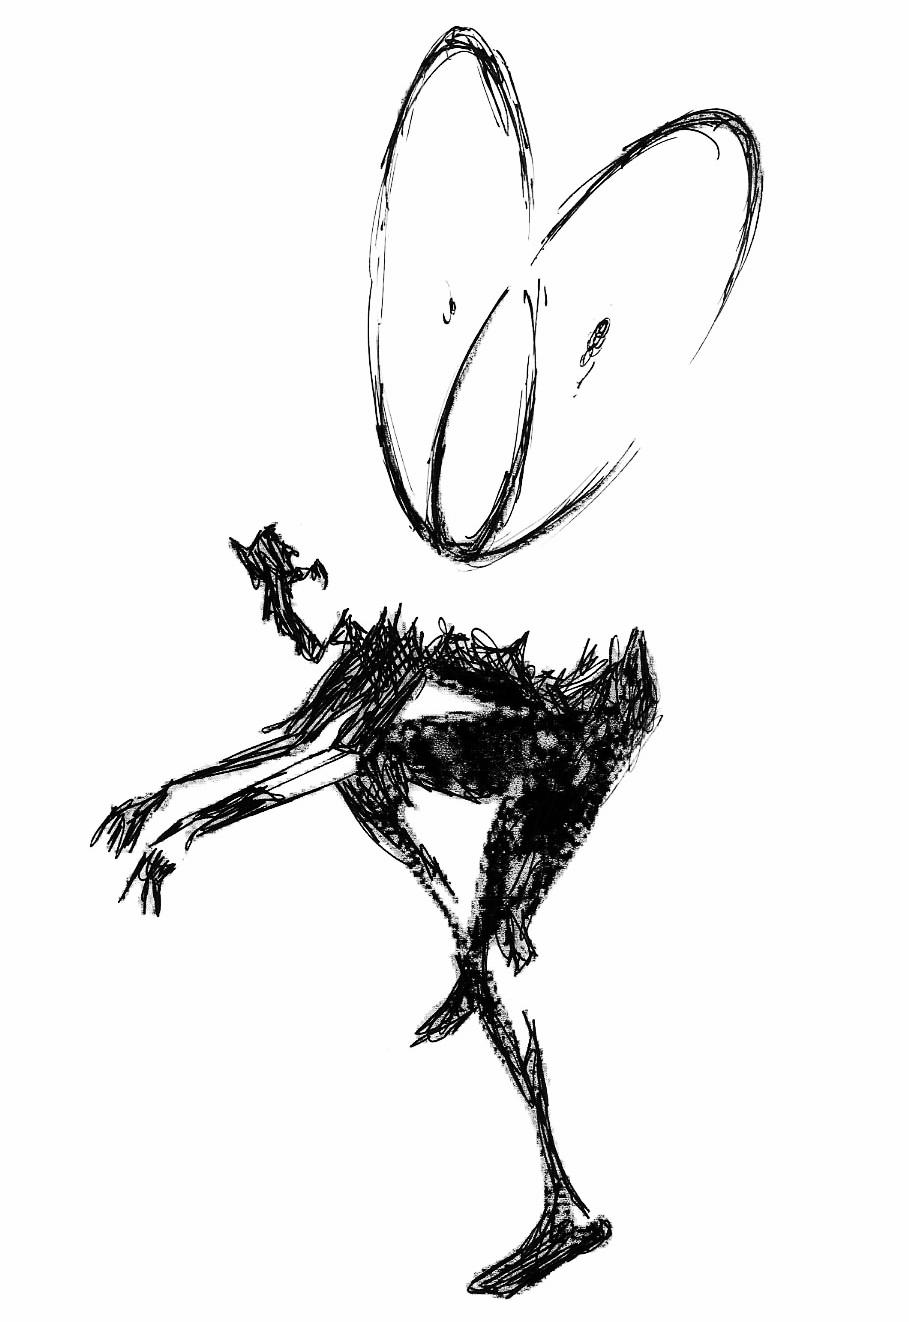 Nick's original drawing.